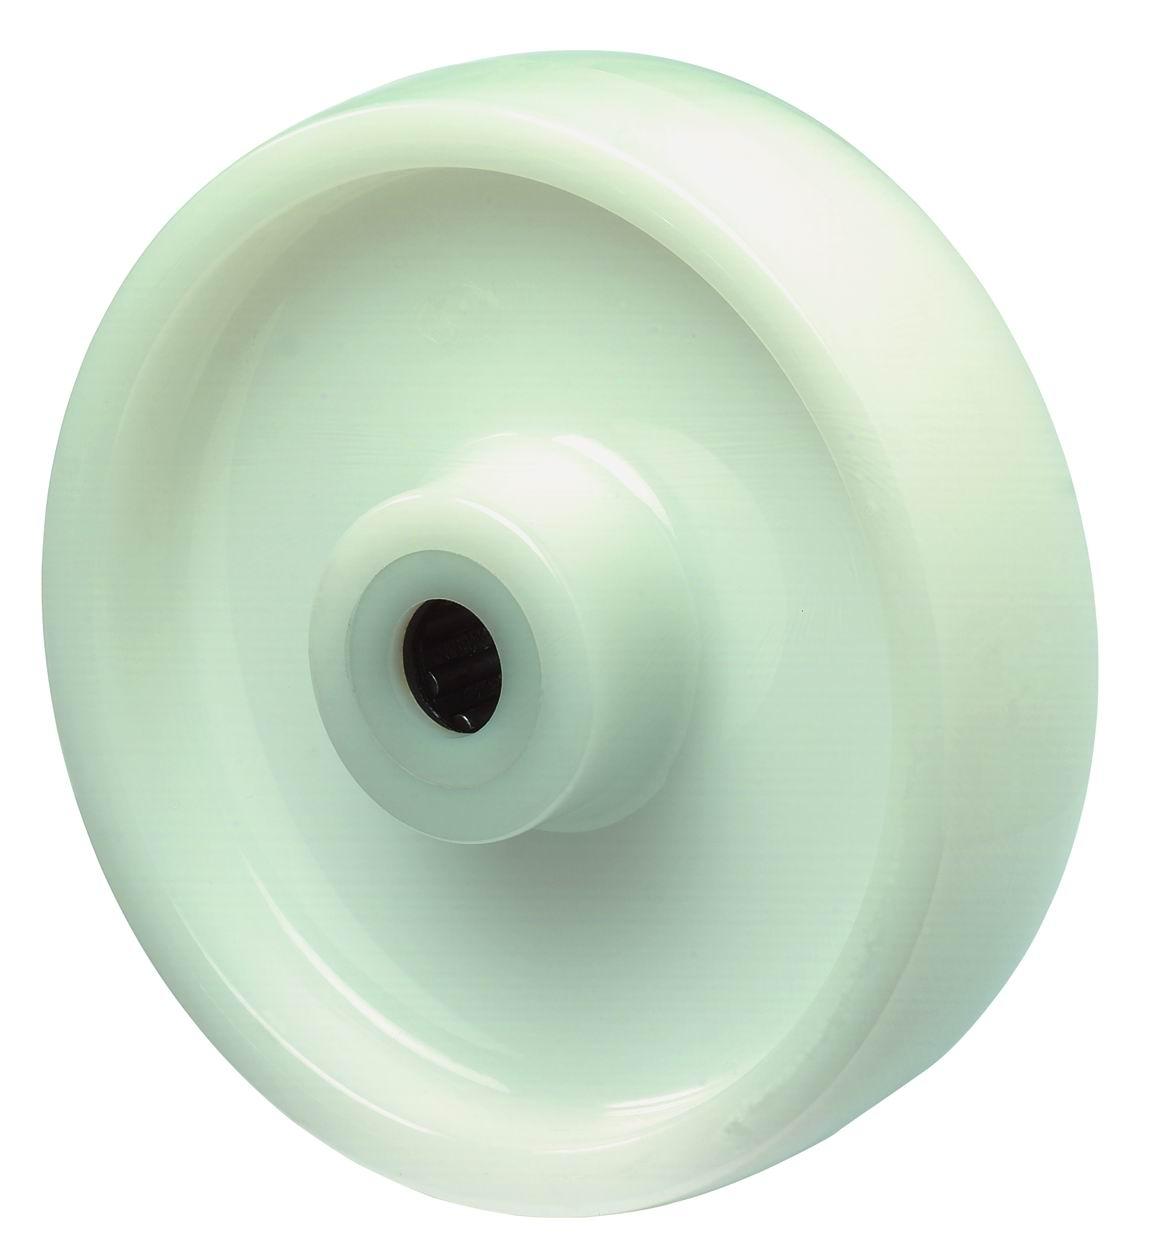 BS ROLLEN Rad zu B10 Durchmesser 150mm Tragfähigkeit 400kg Kunststoffrad weiß